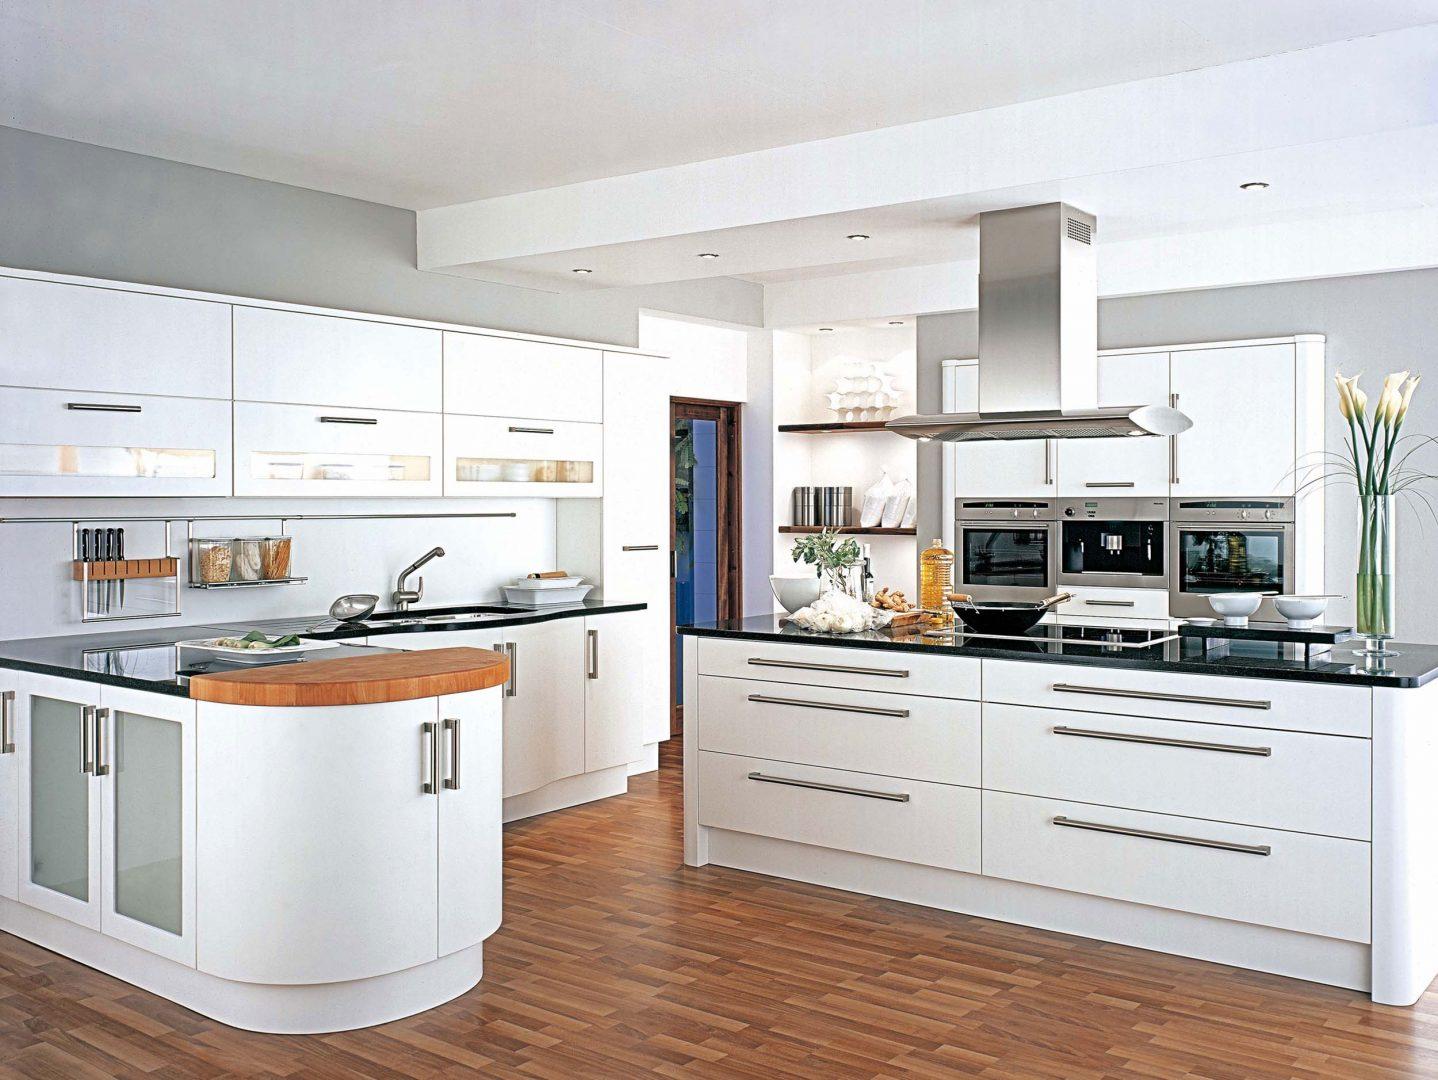 Galería de imágenes: Decoración de cocinas blancas